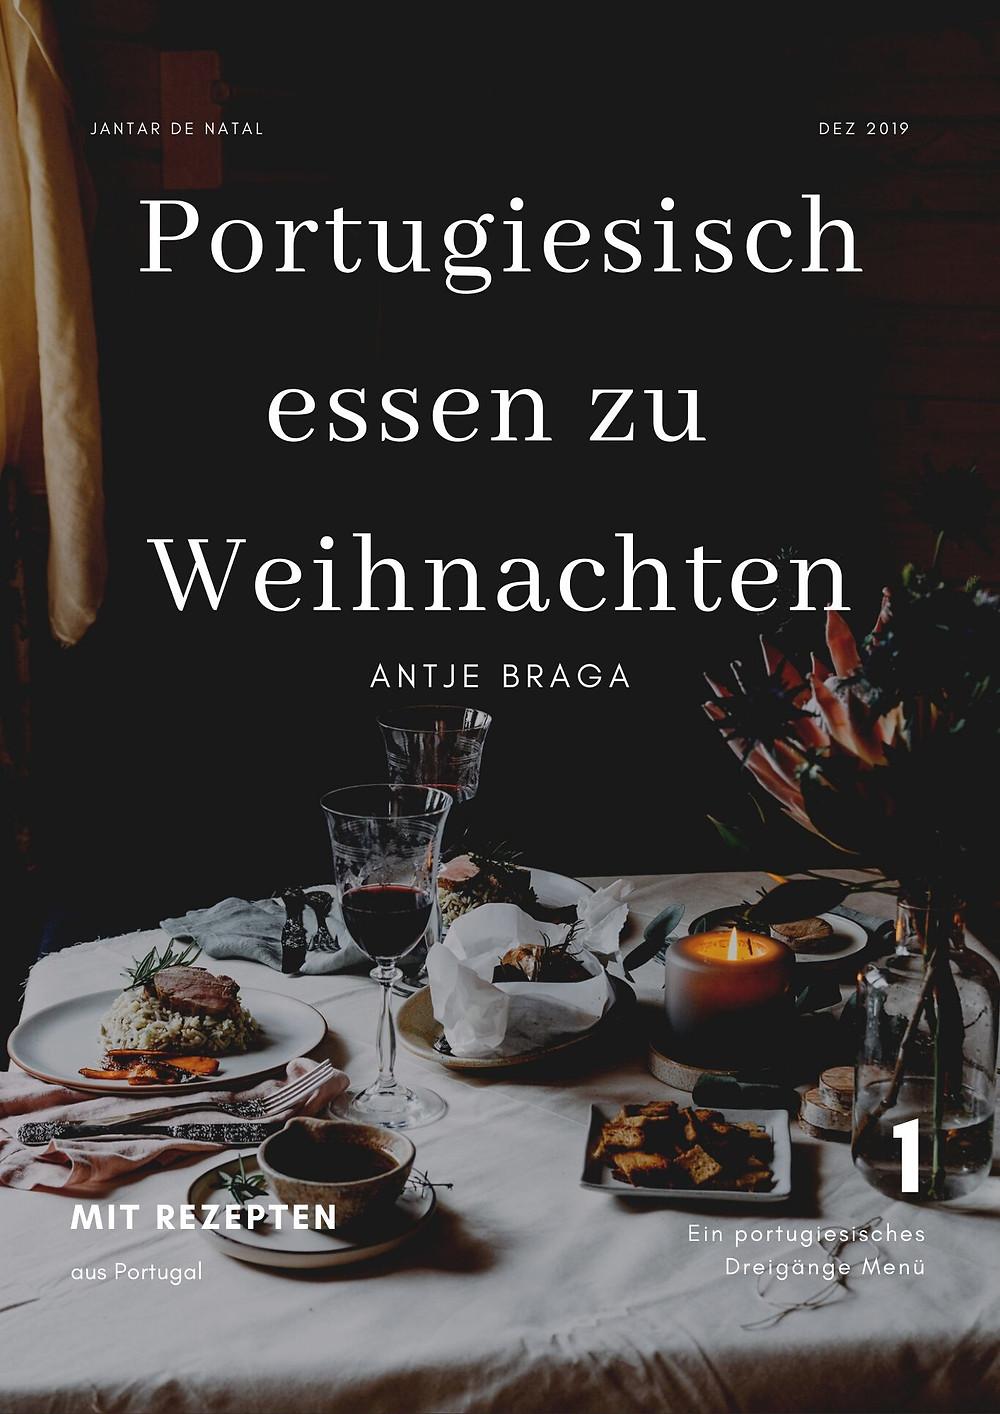 eBook, portugiesische Rezepte, Weihnachten, food fotografie